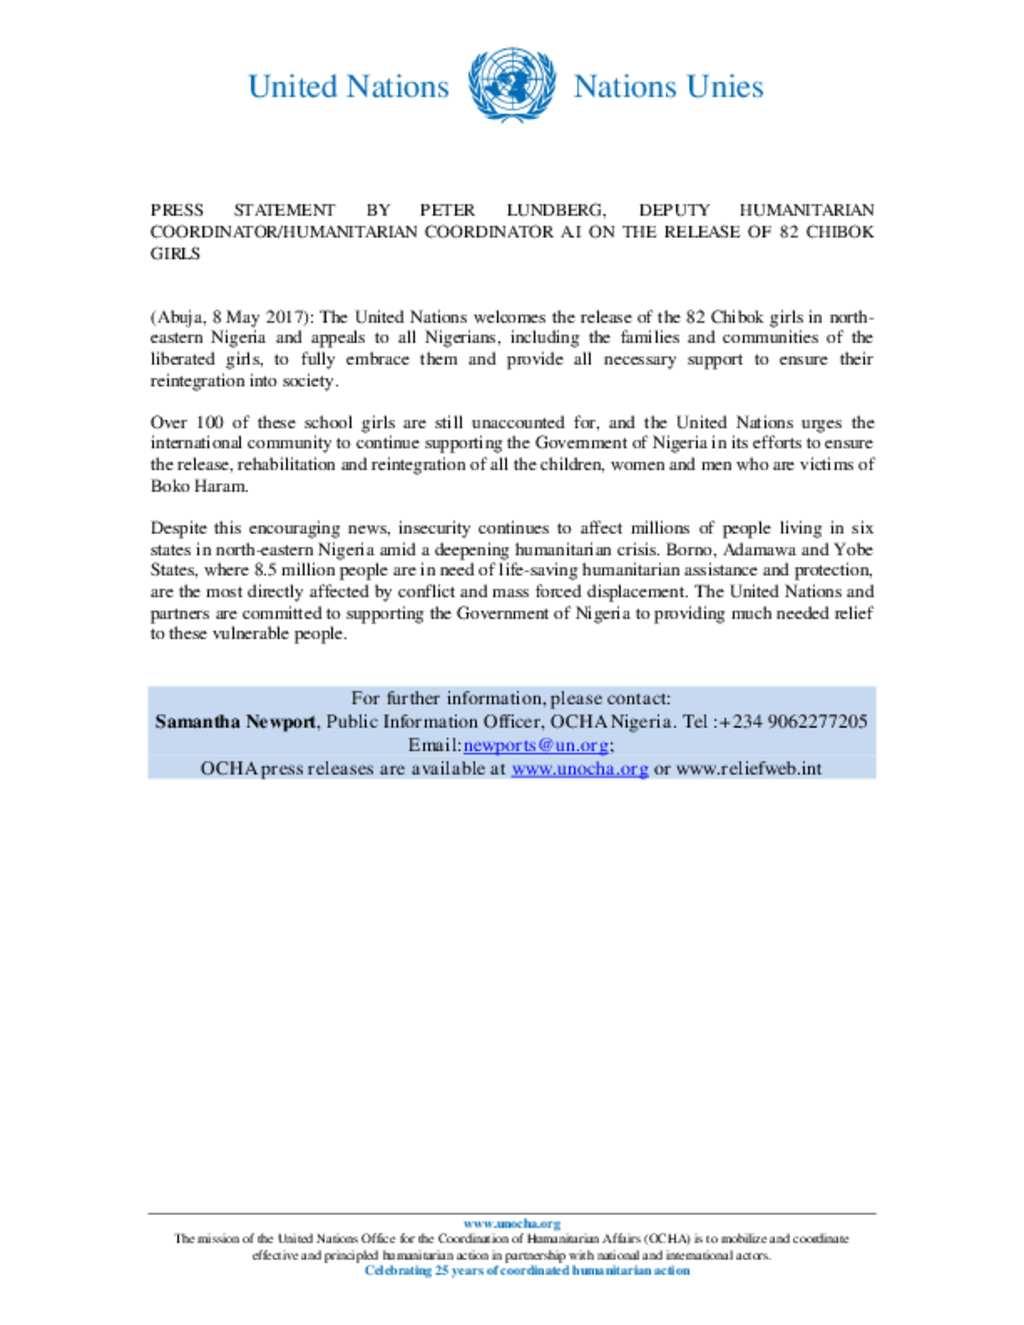 Document un nigeria press statement by peter lundberg un nigeria press statement by peter lundberg altavistaventures Images